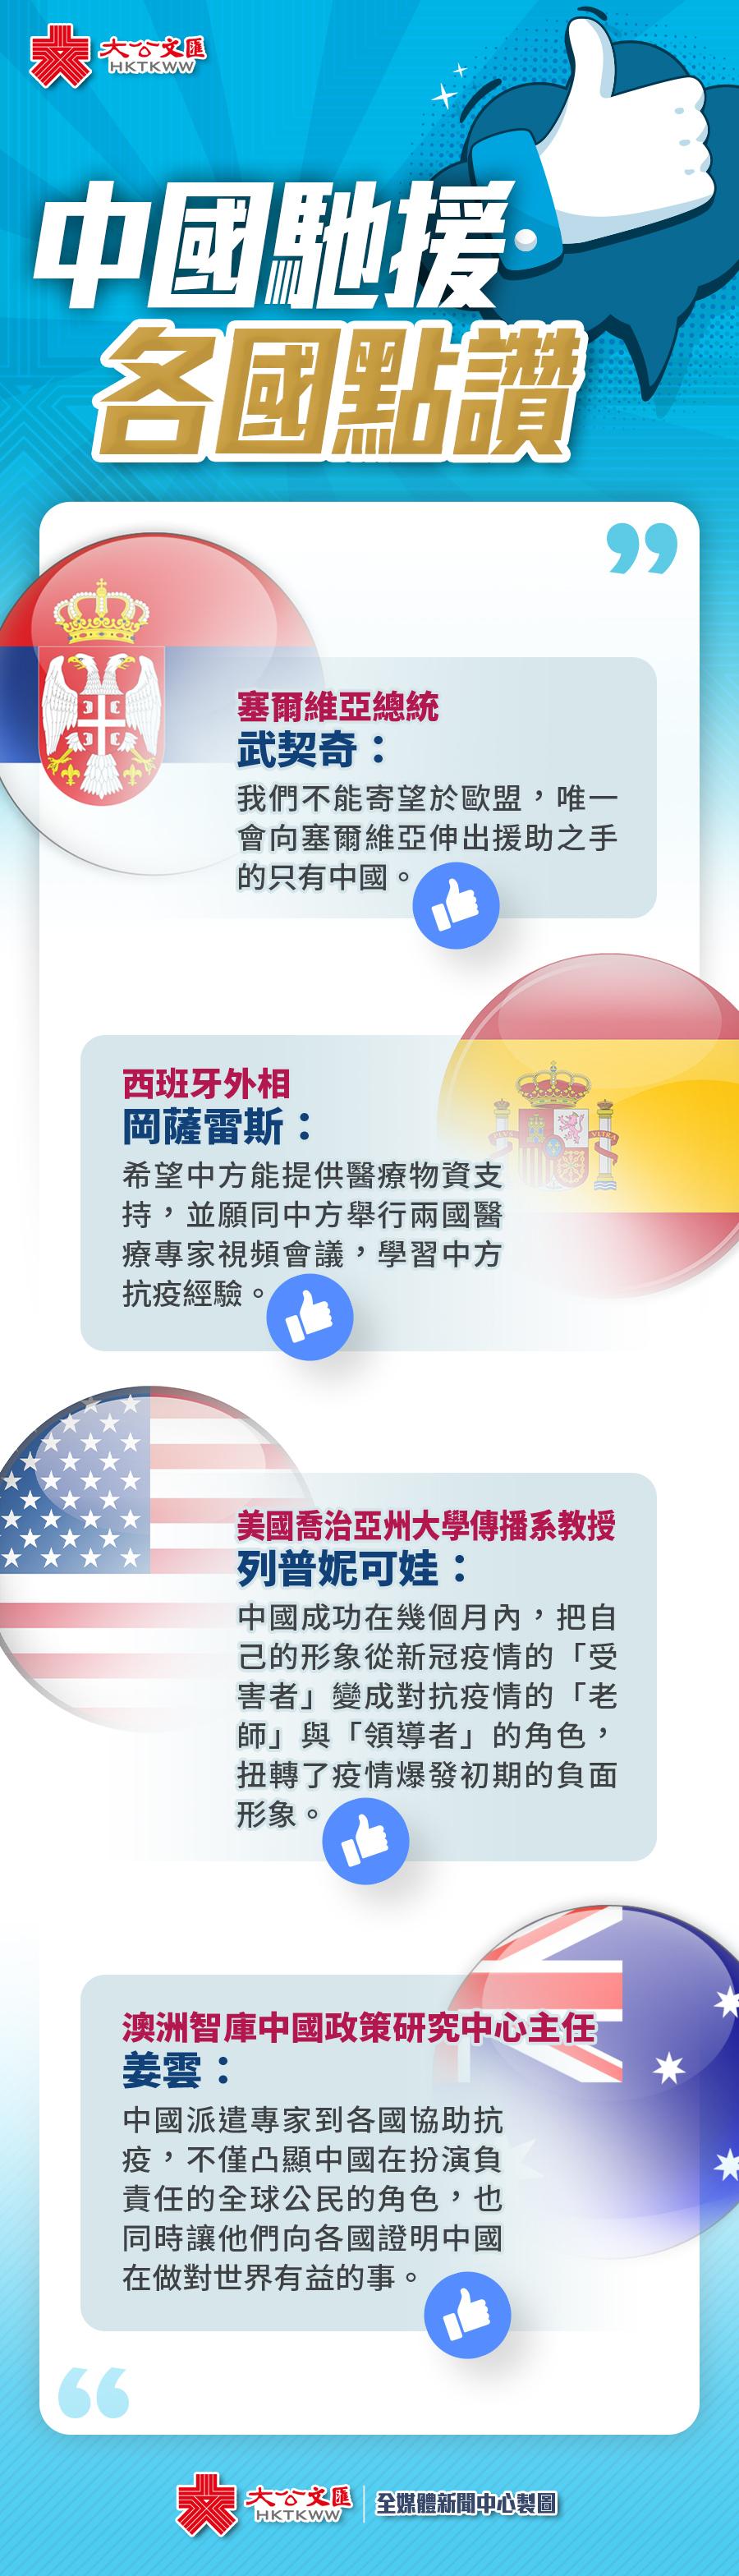 中國馳援 各國點讚